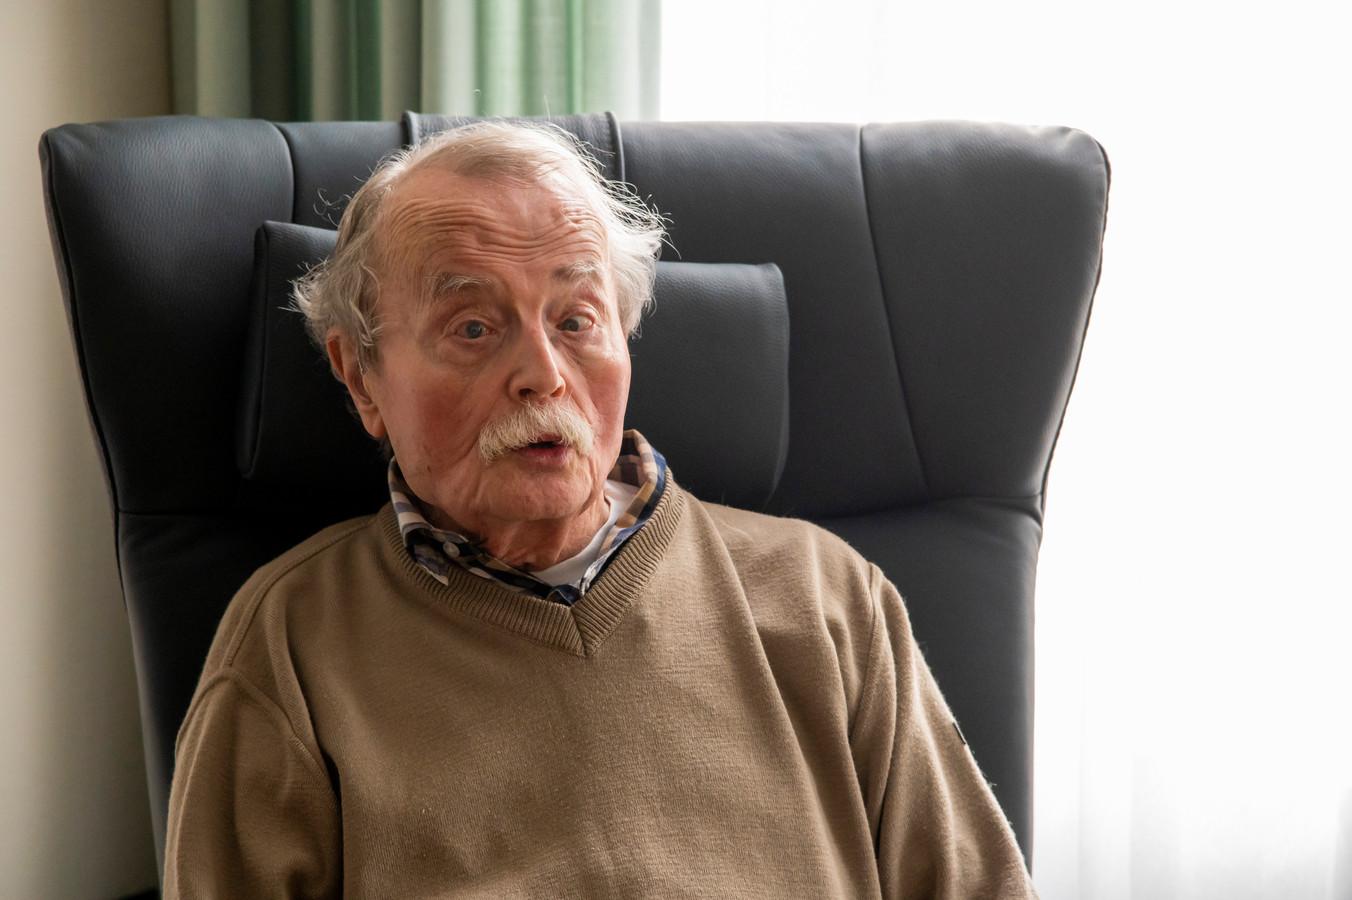 Gerrit Siermans wil zijn vrouw Ineke zo snel mogelijk weer knuffelen.